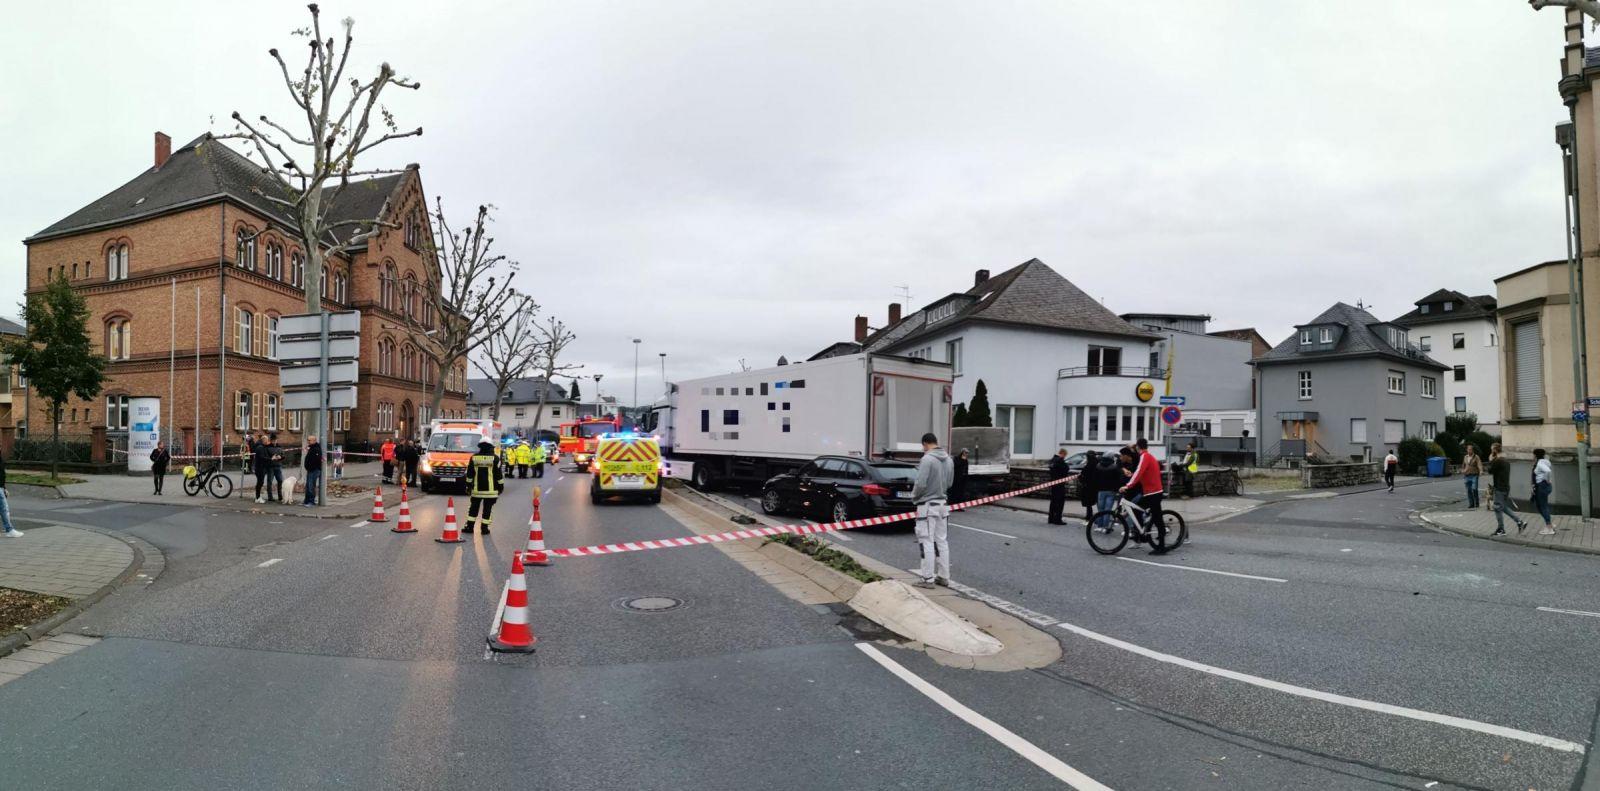 Теракт у Німеччині: вантажівка в'їхала в автомобілі на світлофорі, поранено 8 осіб. Фото: fnp.de